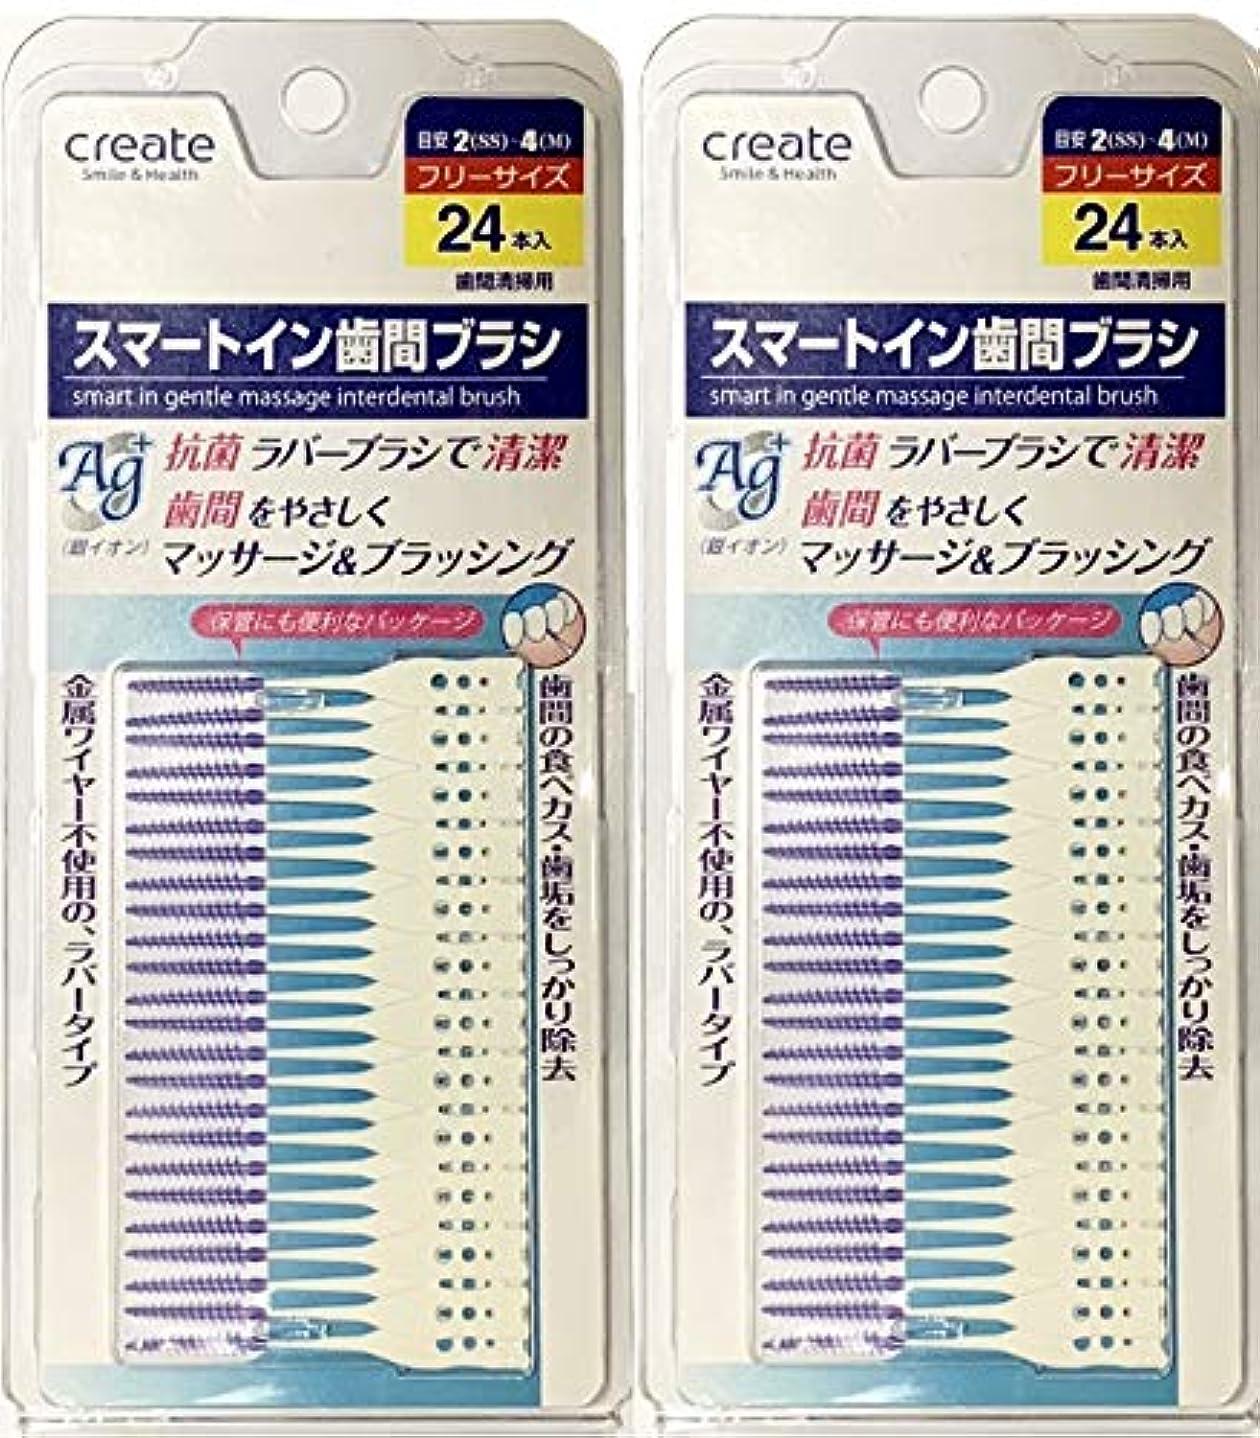 ビーム鎖幼児【まとめ買い】スマートイン歯間ブラシ 24本入り 2セット (計48本)